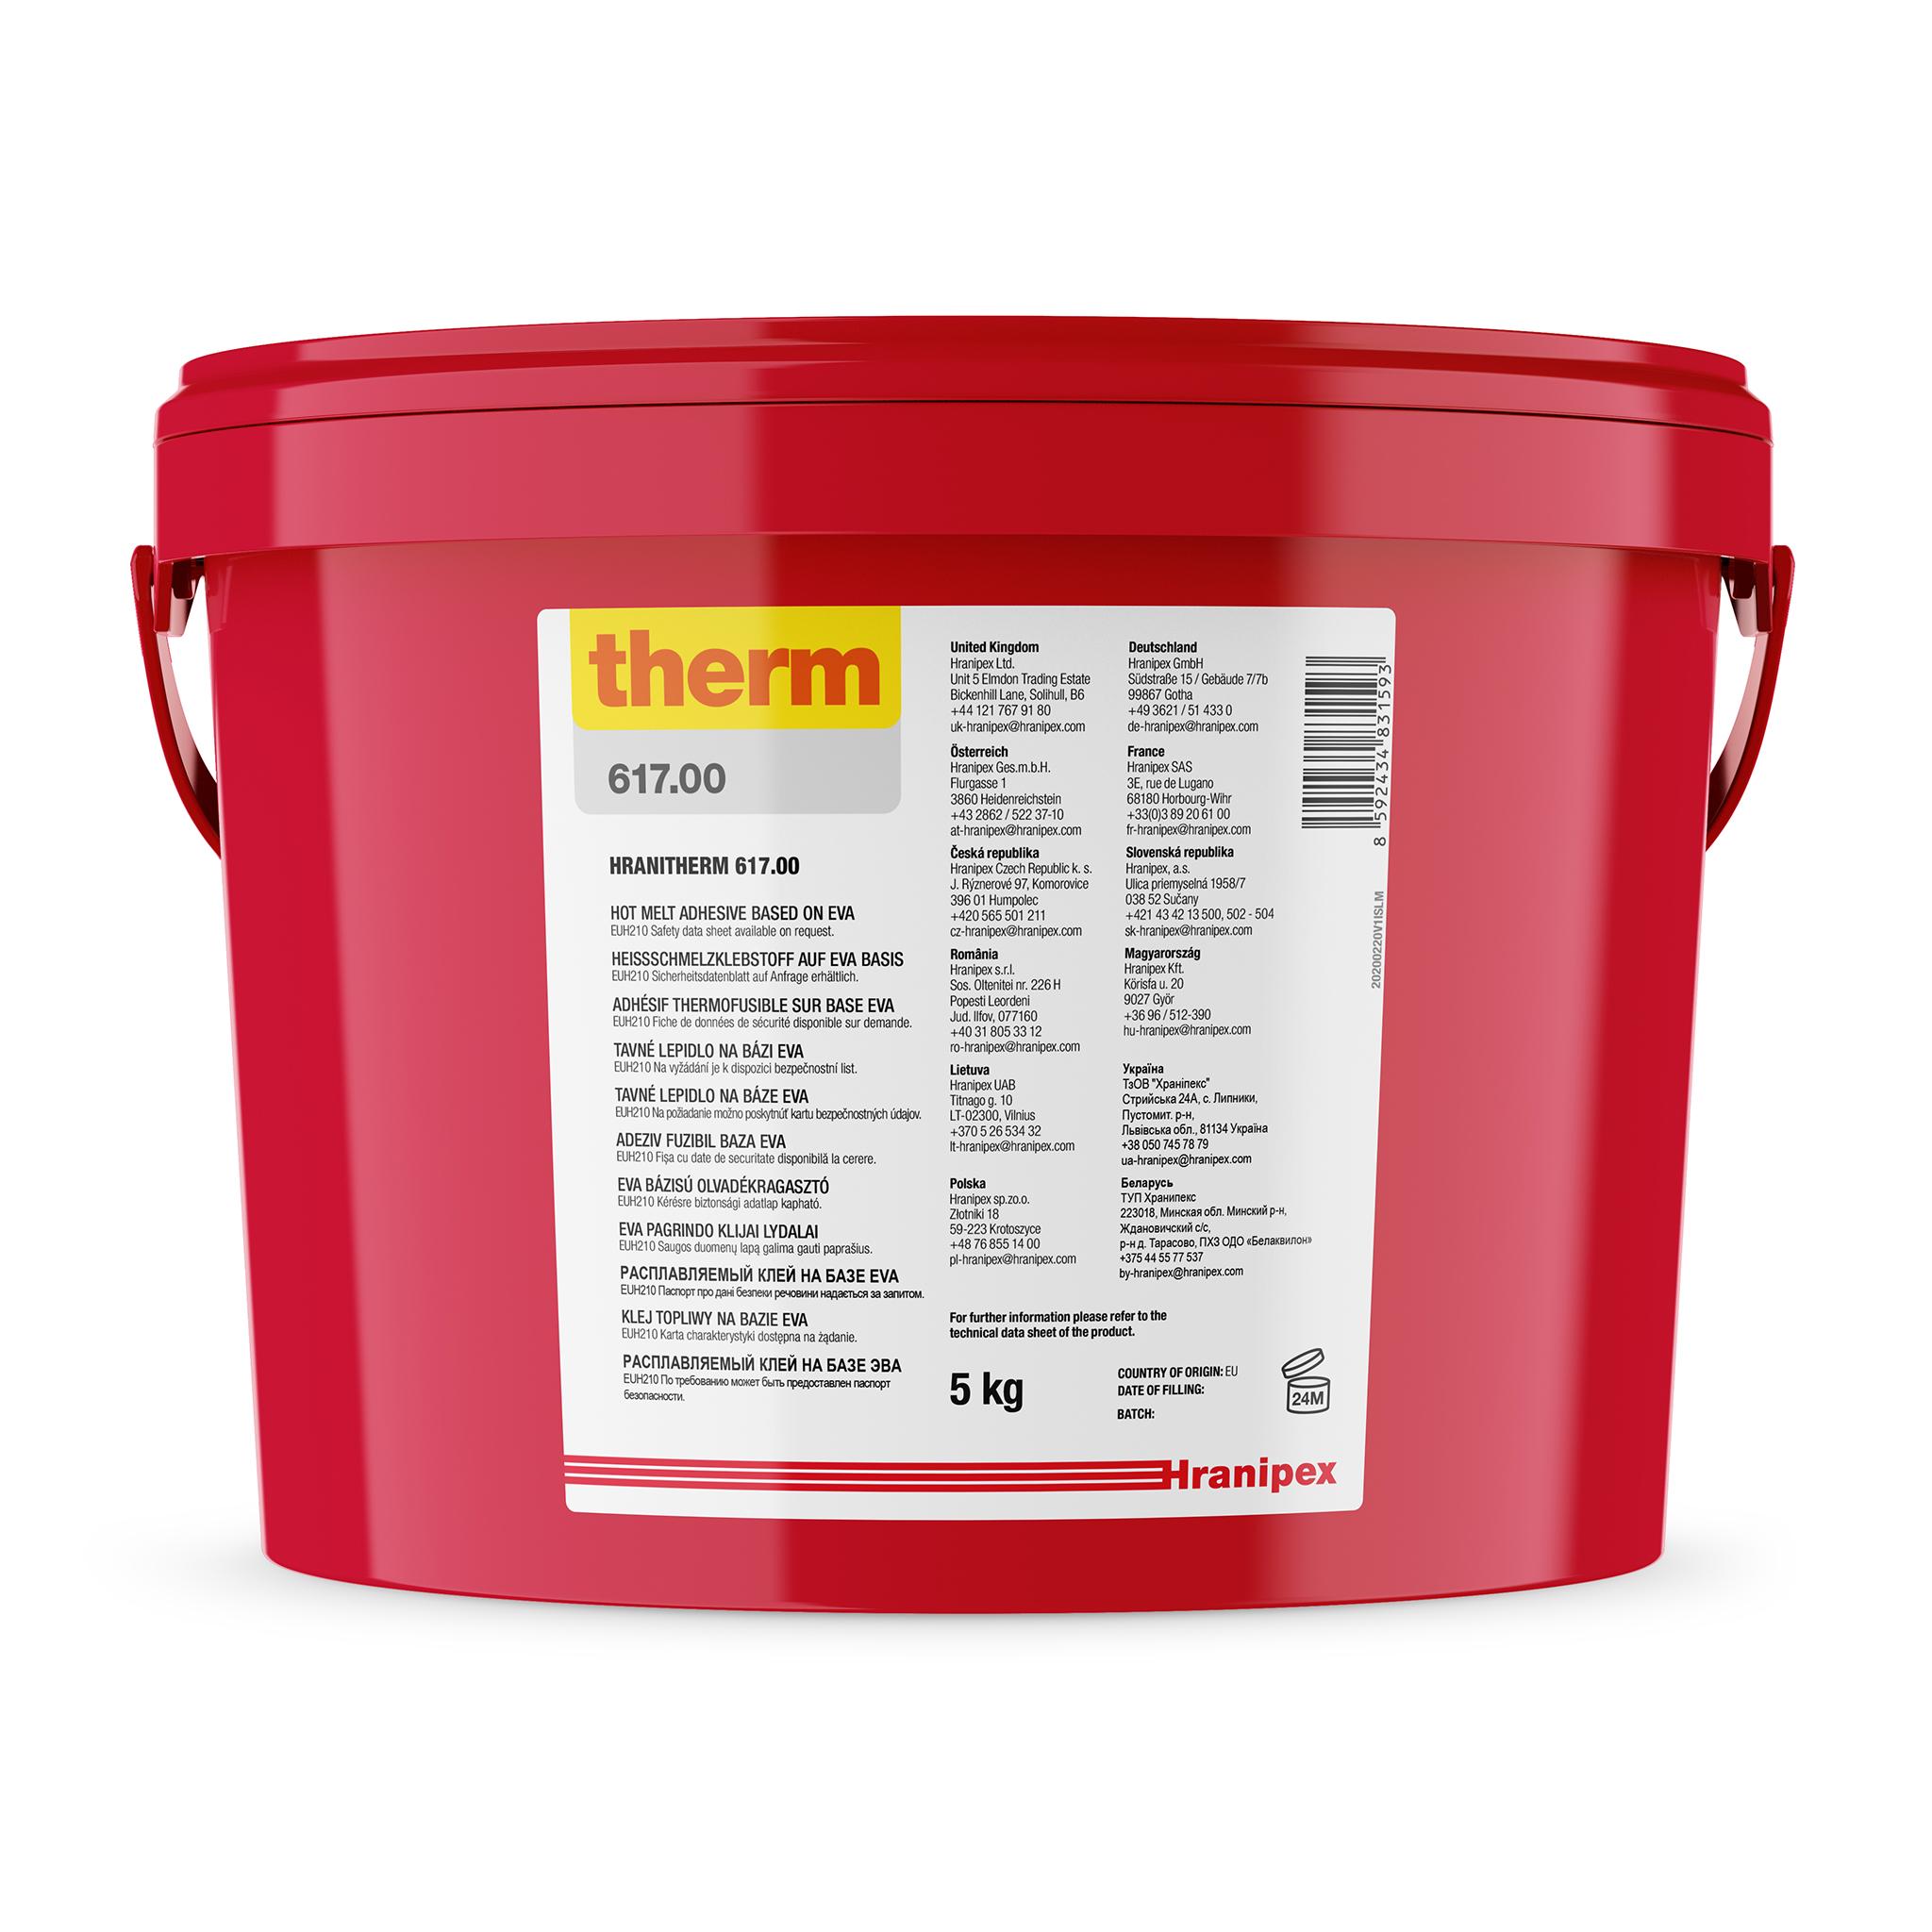 HRANITHERM 617.00 Natural - EVA Hot Melt 5 kg